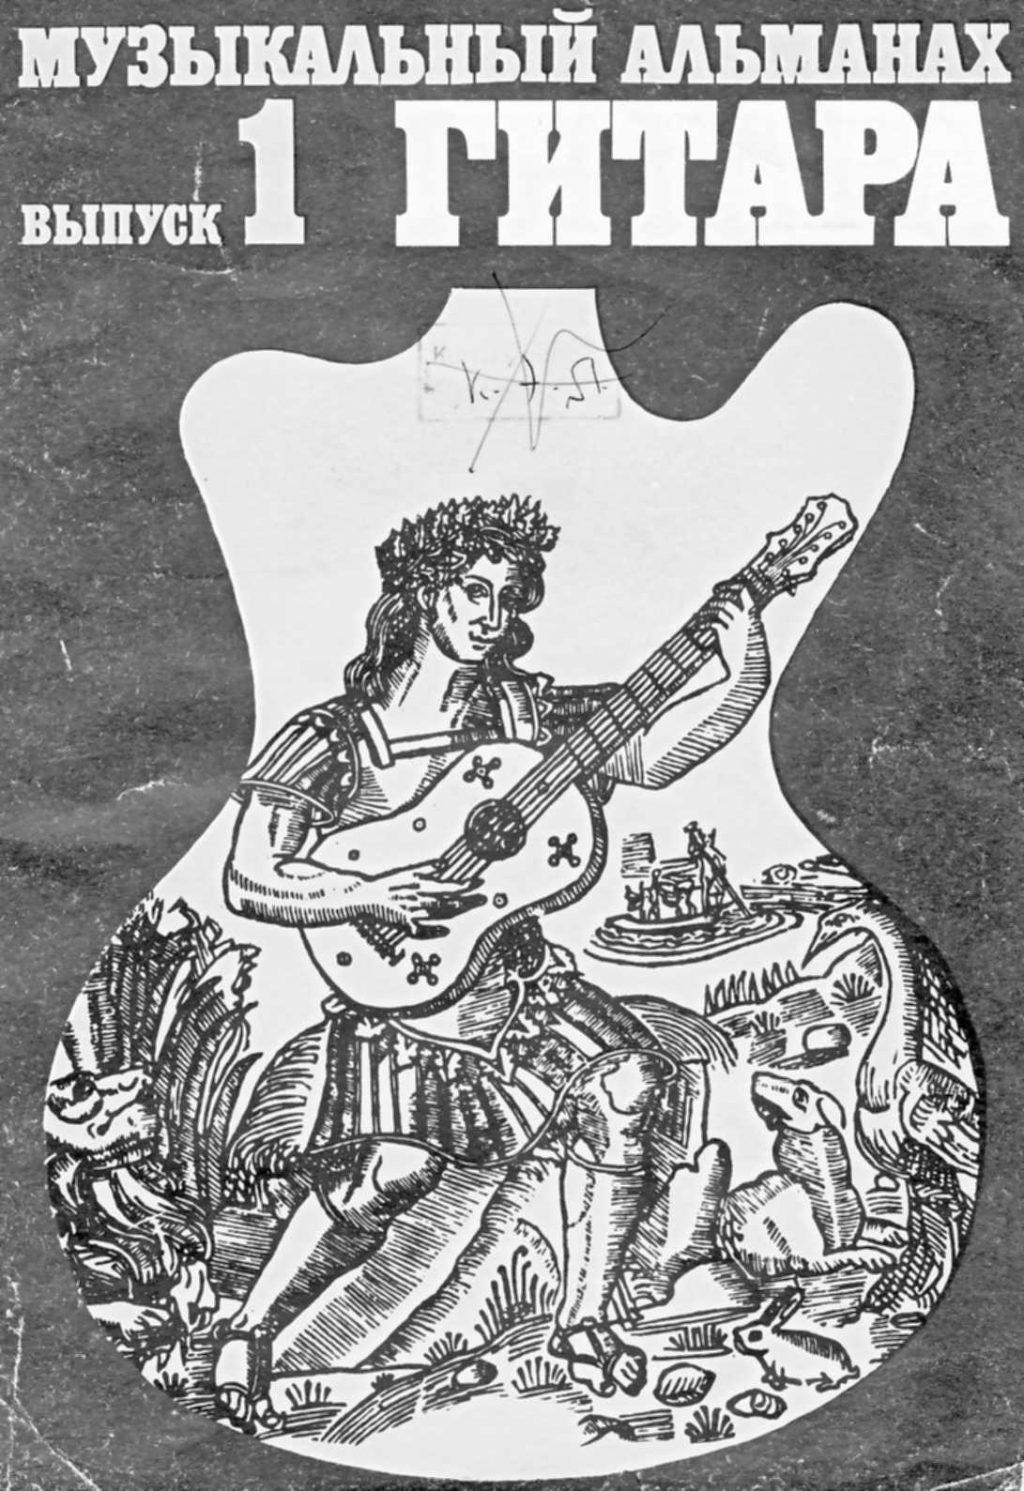 Музыкальный альманах. Гитара. Выпуск 1